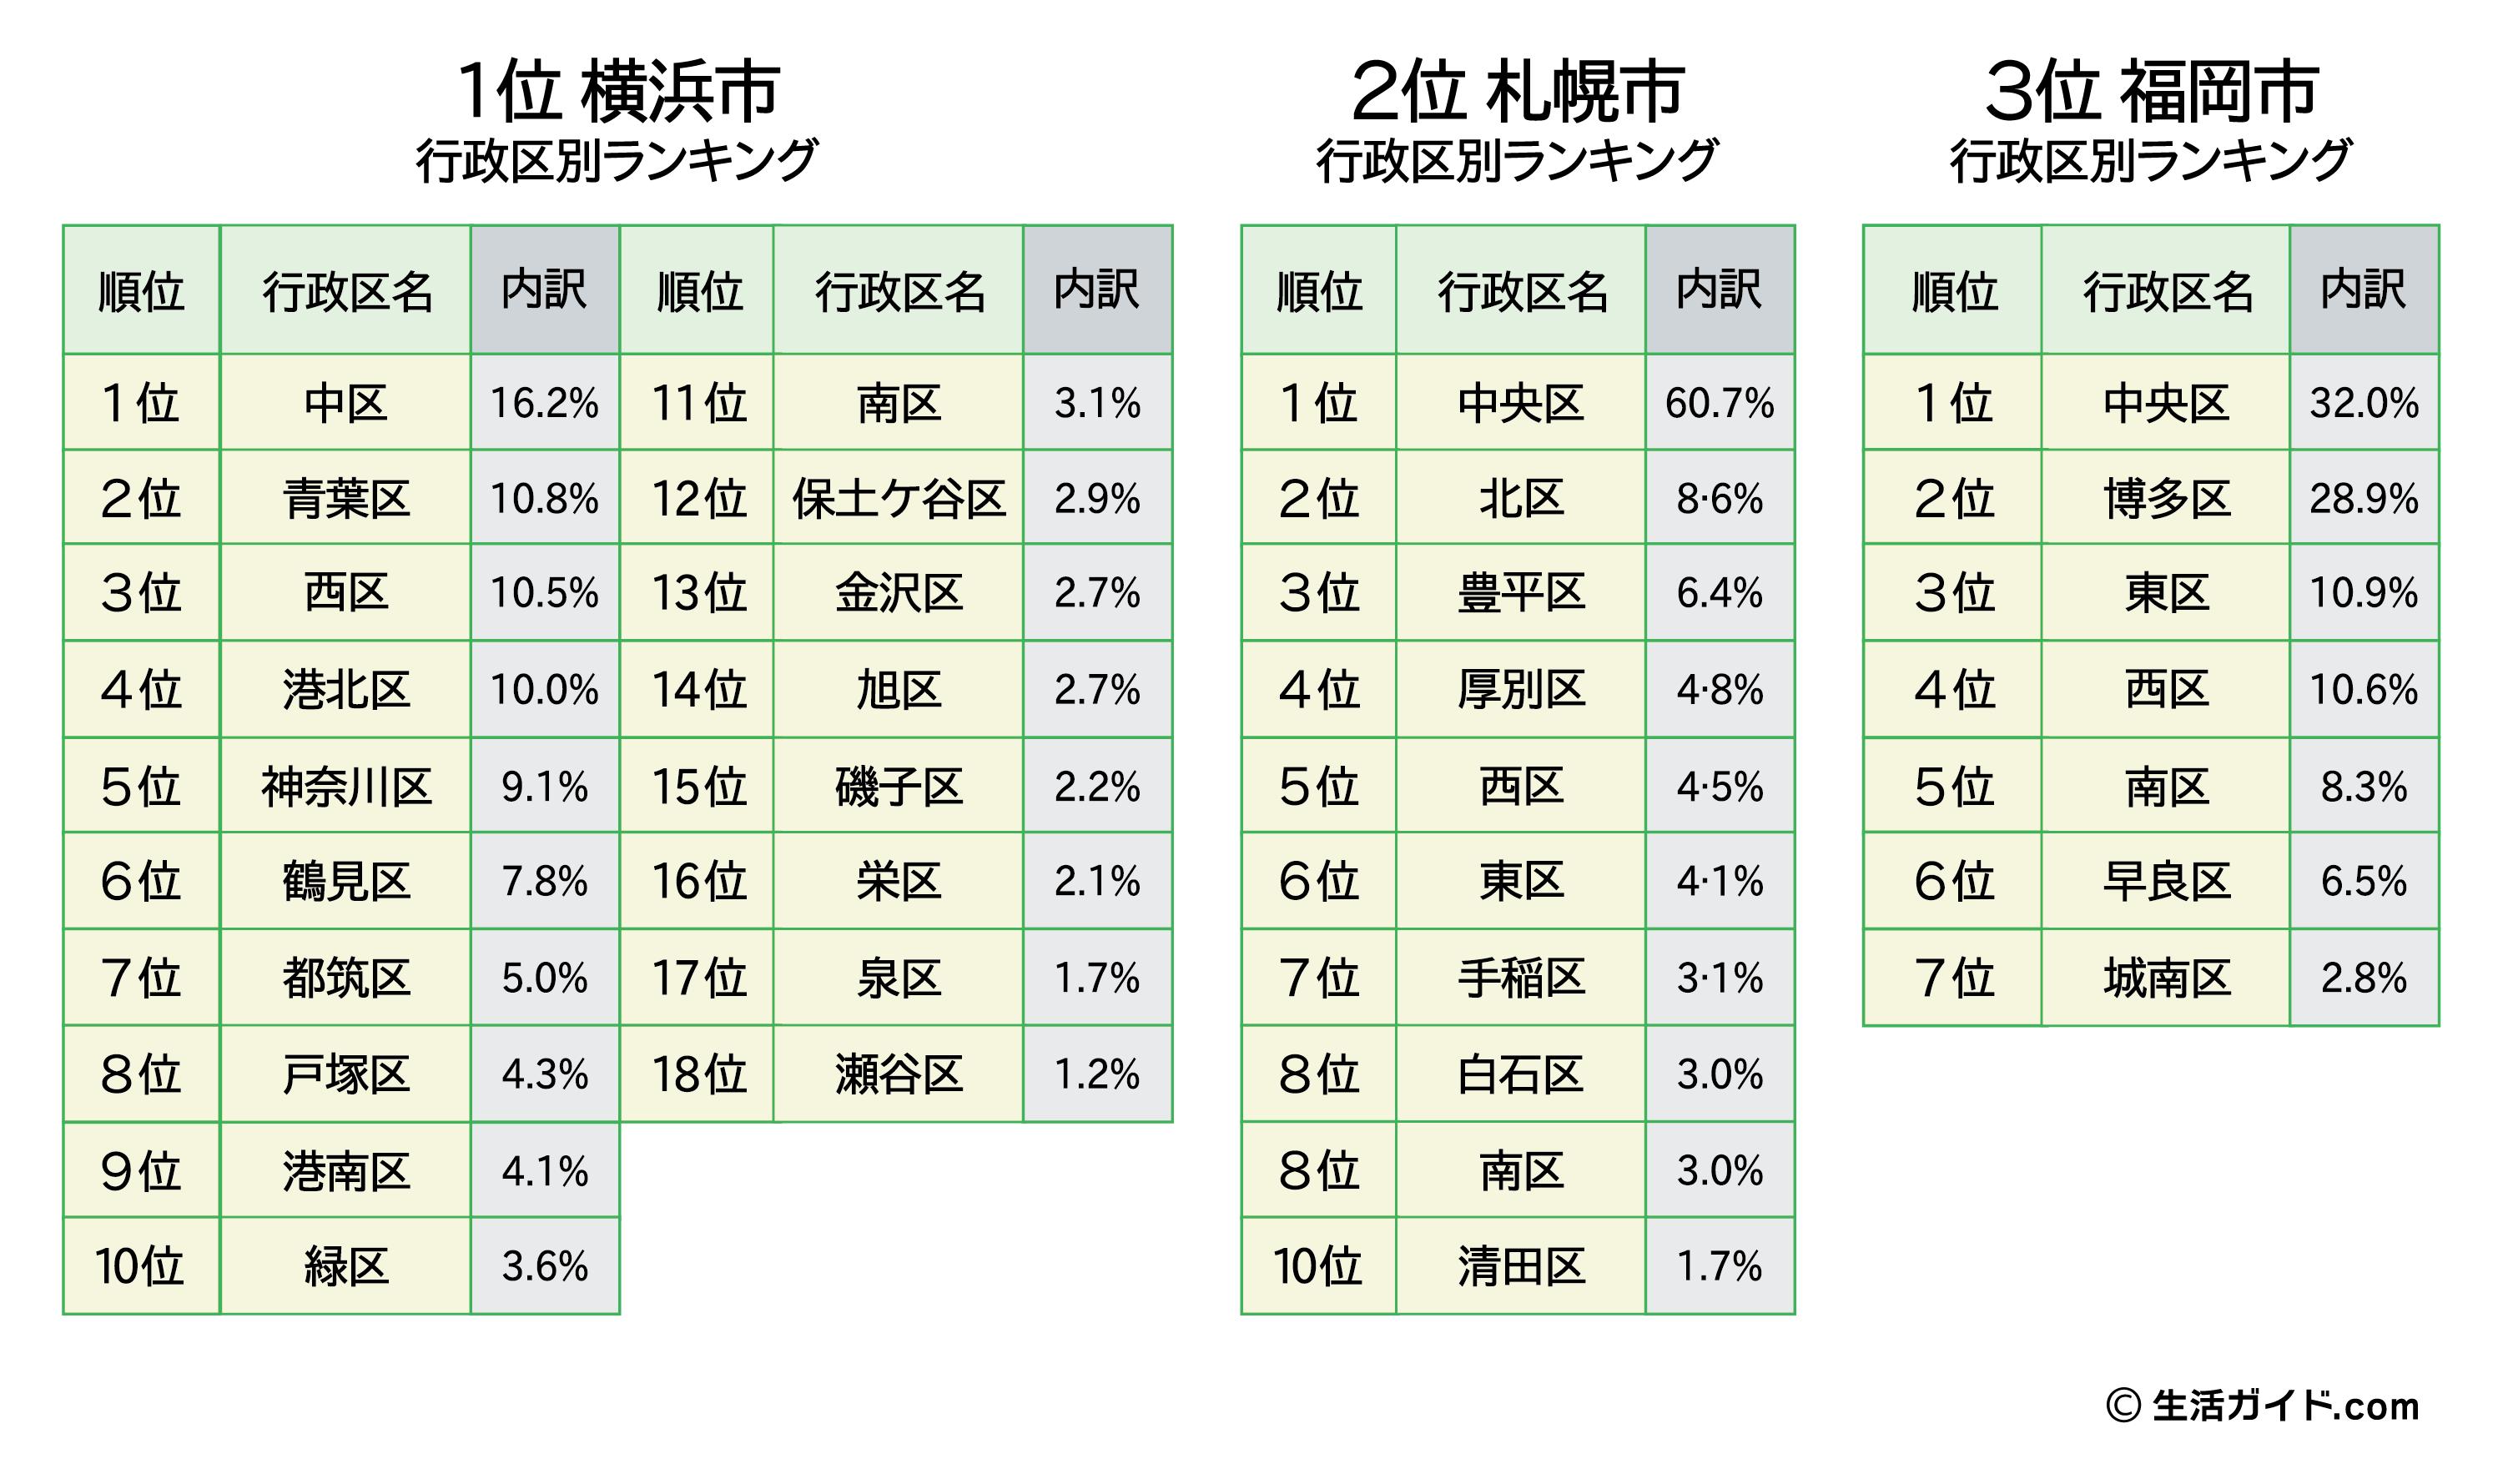 1~3位の各市内の人気行政クランキング